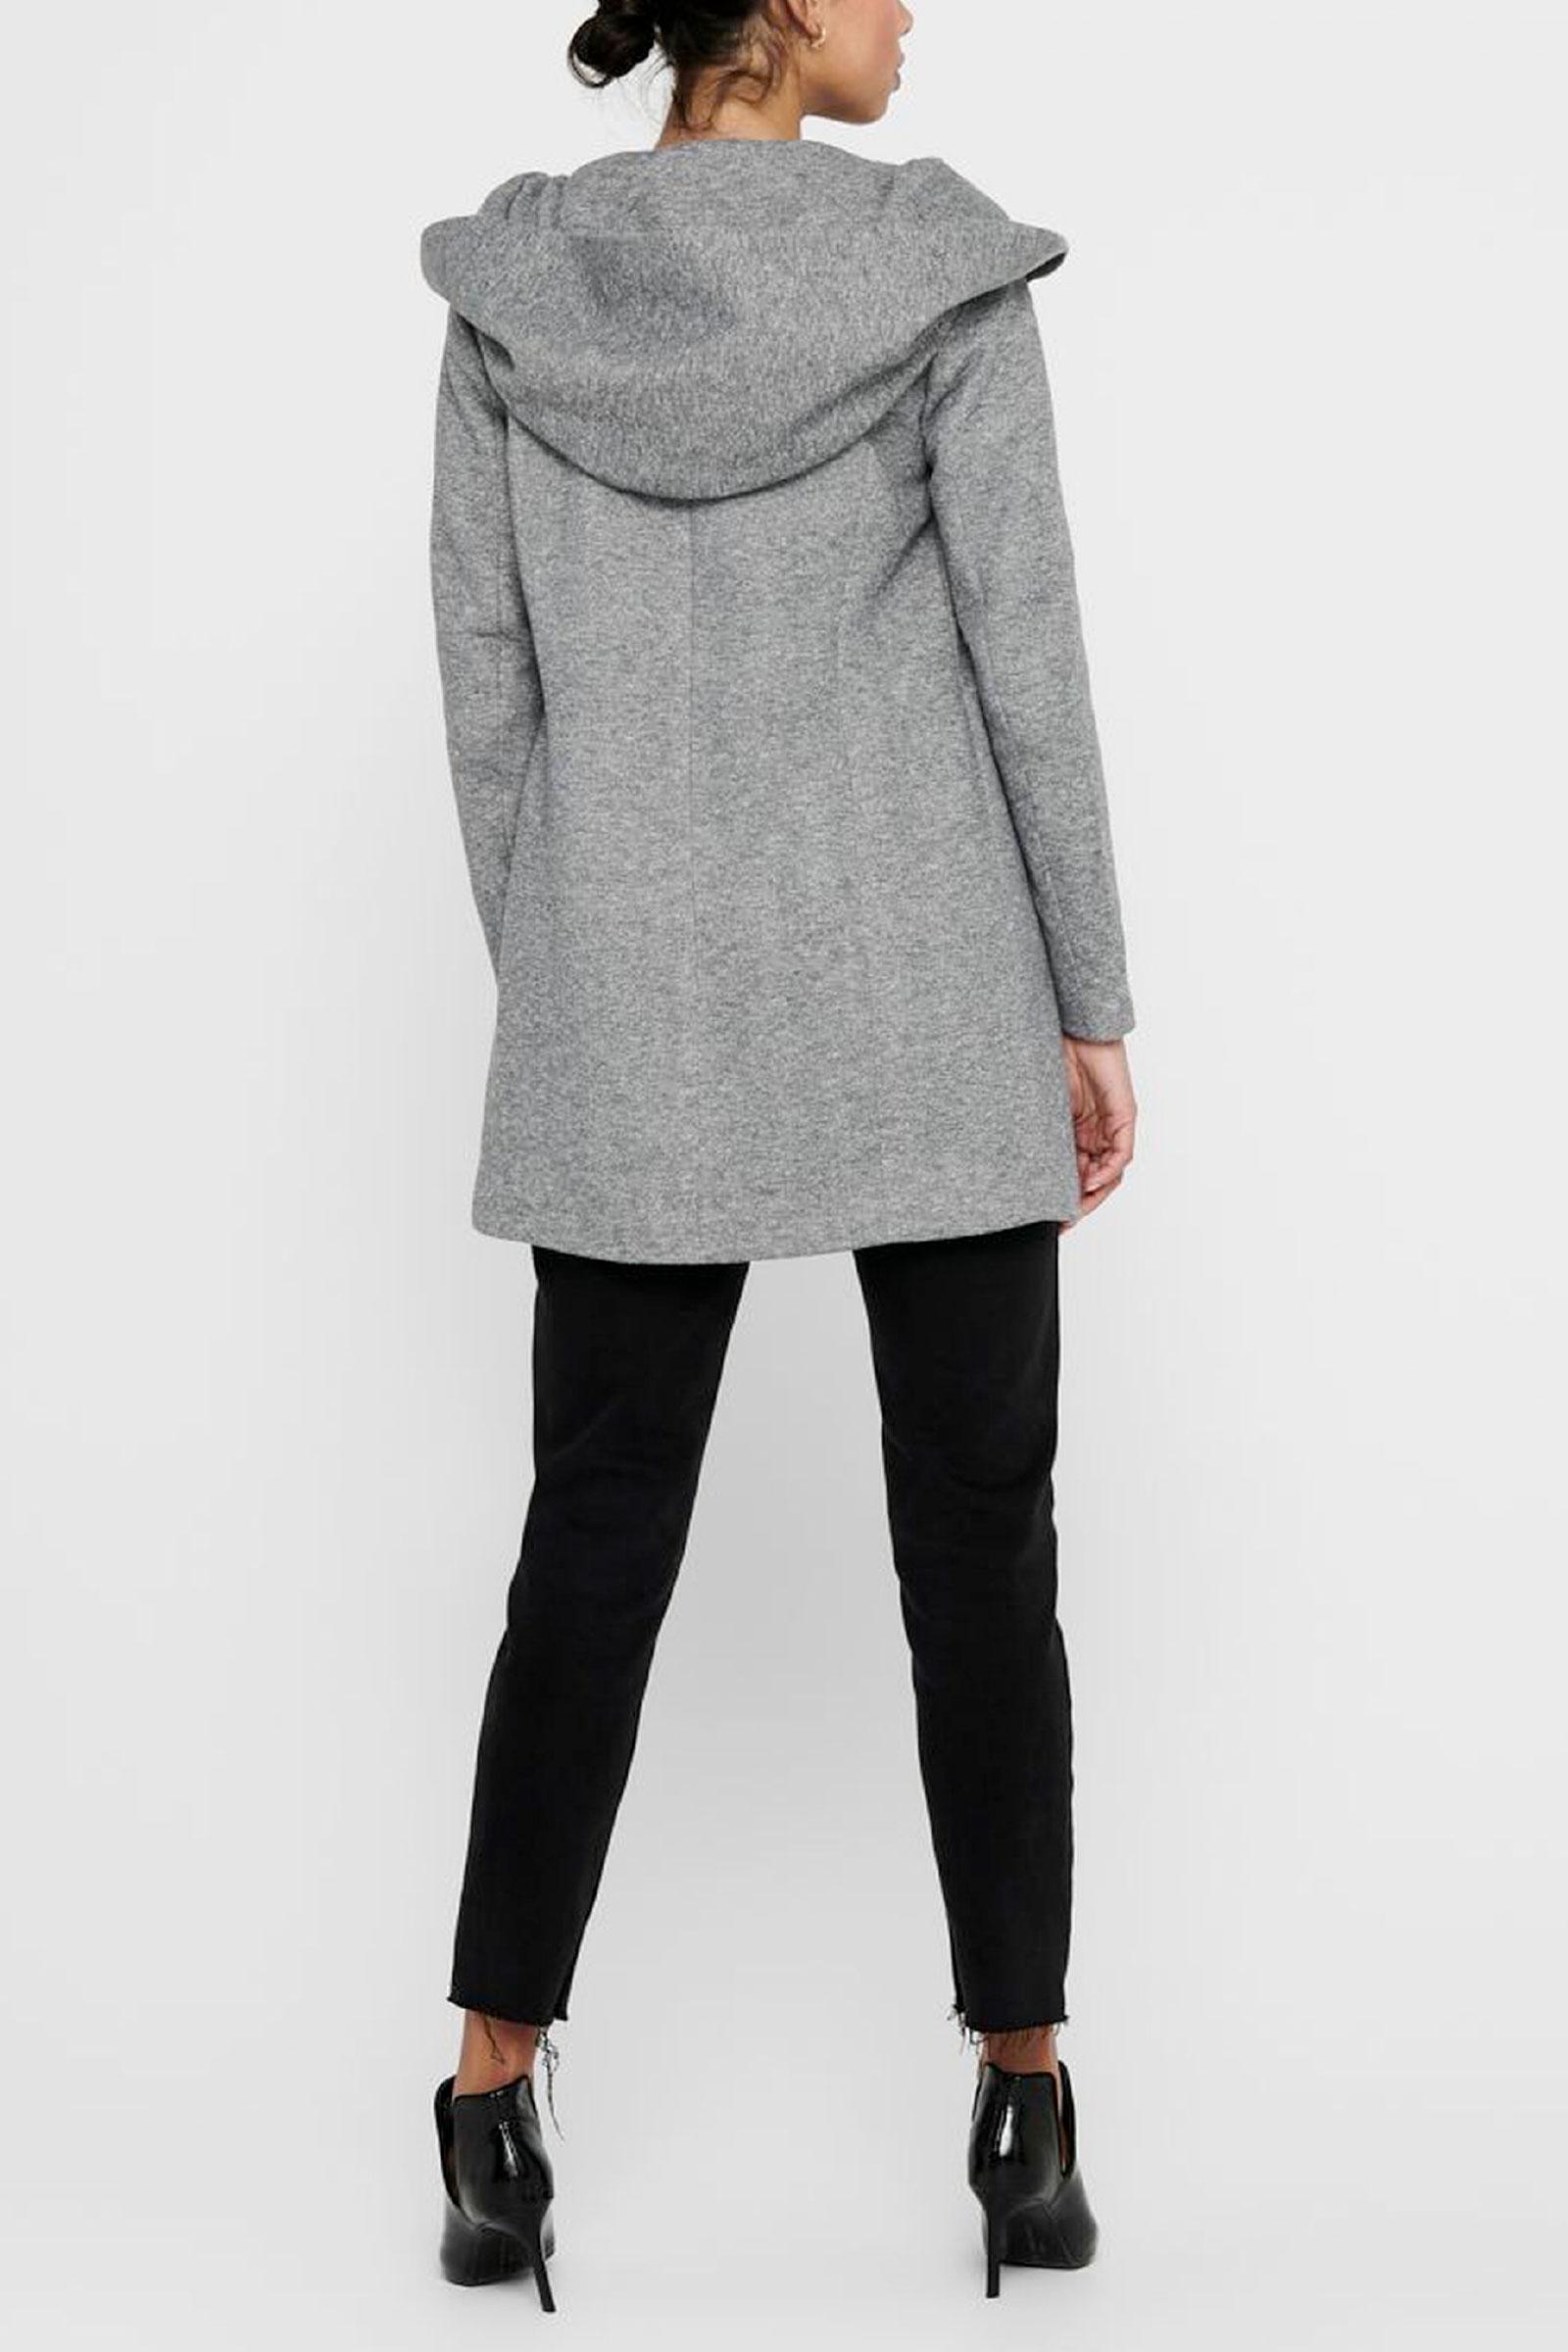 ONLY   Coat   15142911Light Grey Melange